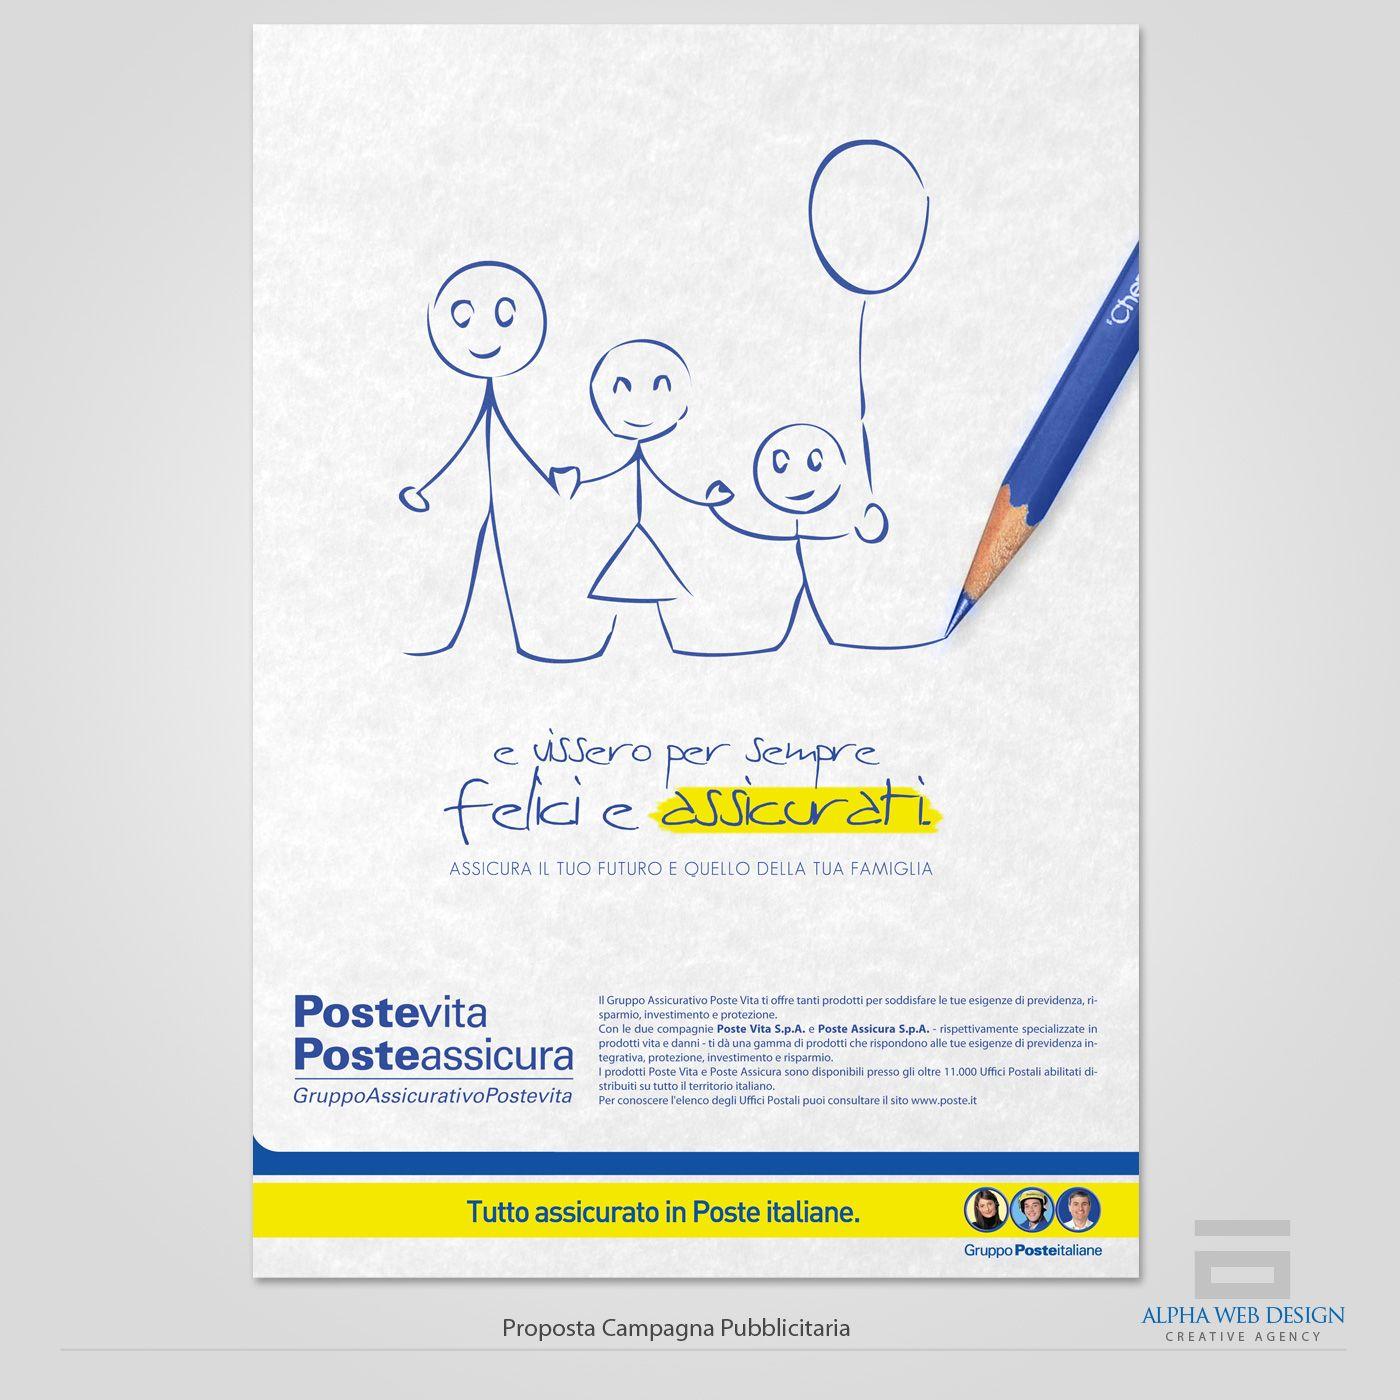 """Proposta per la campagna pubblicitaria di Poste Italiane Og to promozione dei prodotti assicurativi """"Poste Vita"""" & """"Poste Assicura"""""""